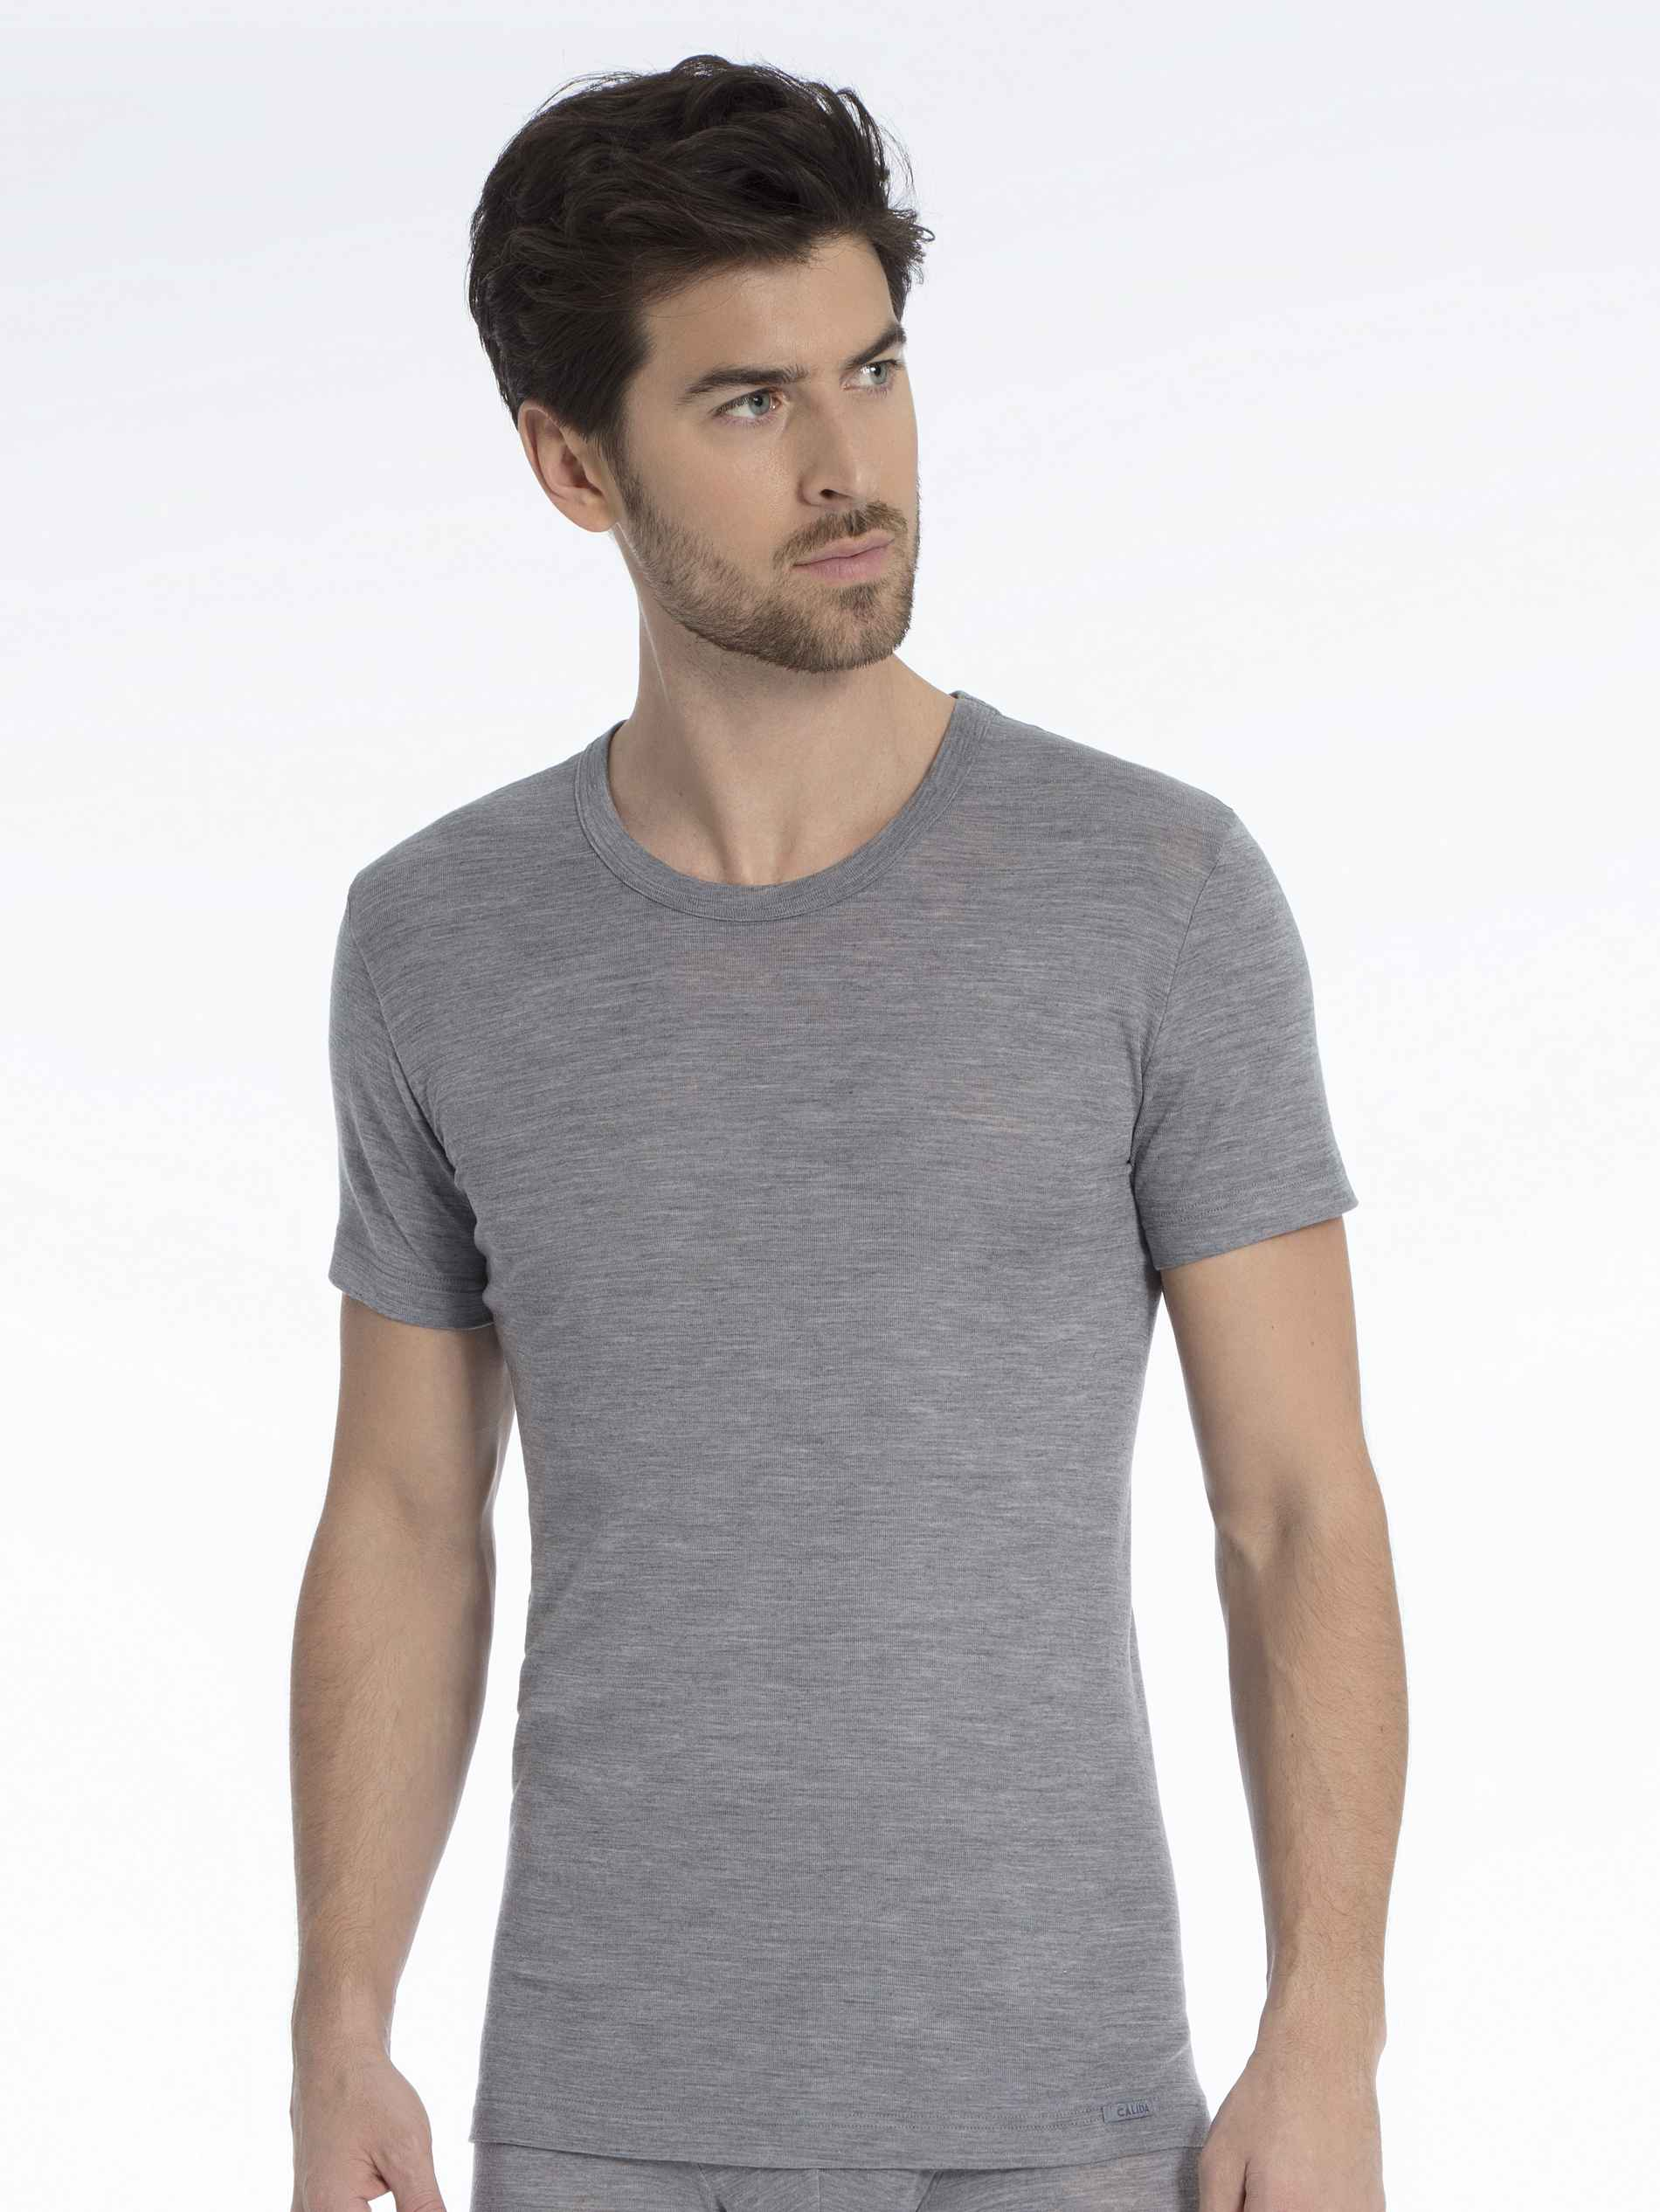 Herren CALIDA Wool & Silk Shirt aus Wolle und Seide grau   07613306420378